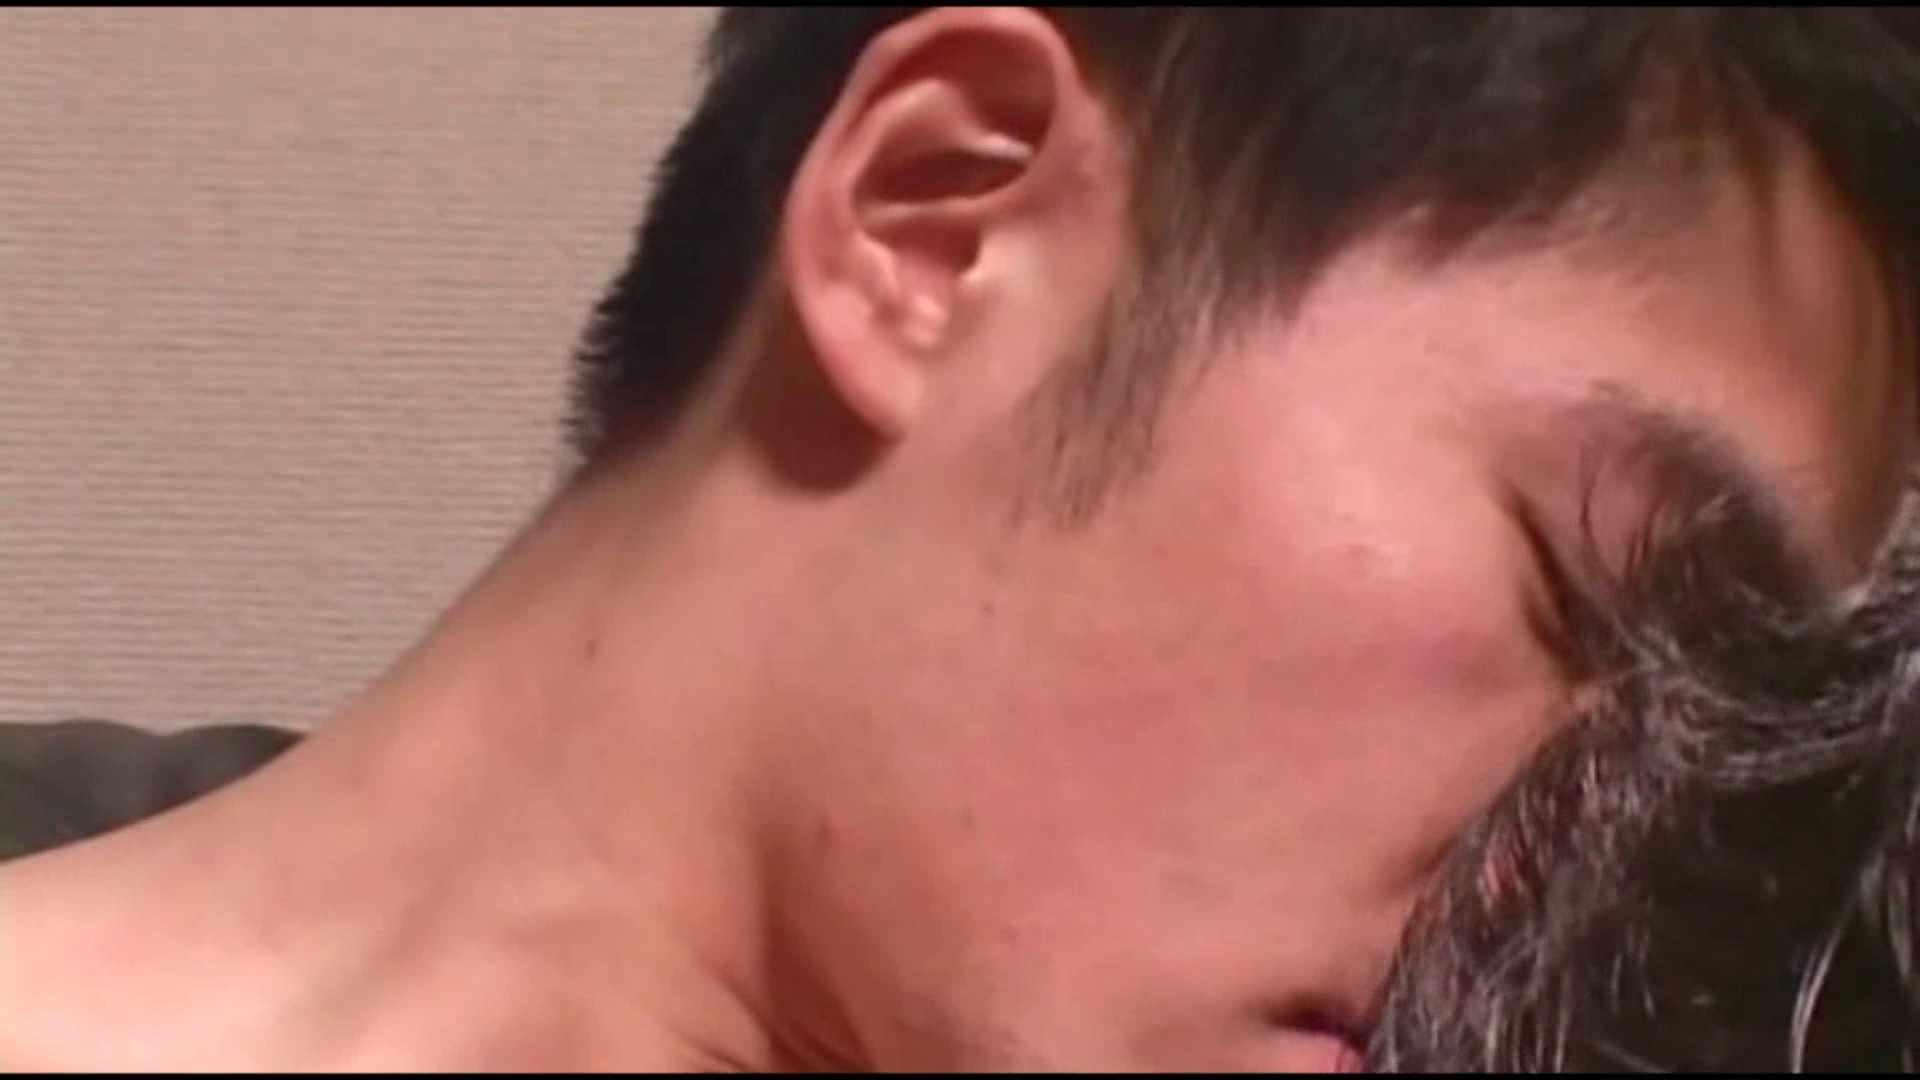 ショウ&ナオキのエロMAXファンタジーVOL.02(ショウ編) イケメンのsex | 自慰  110pic 109